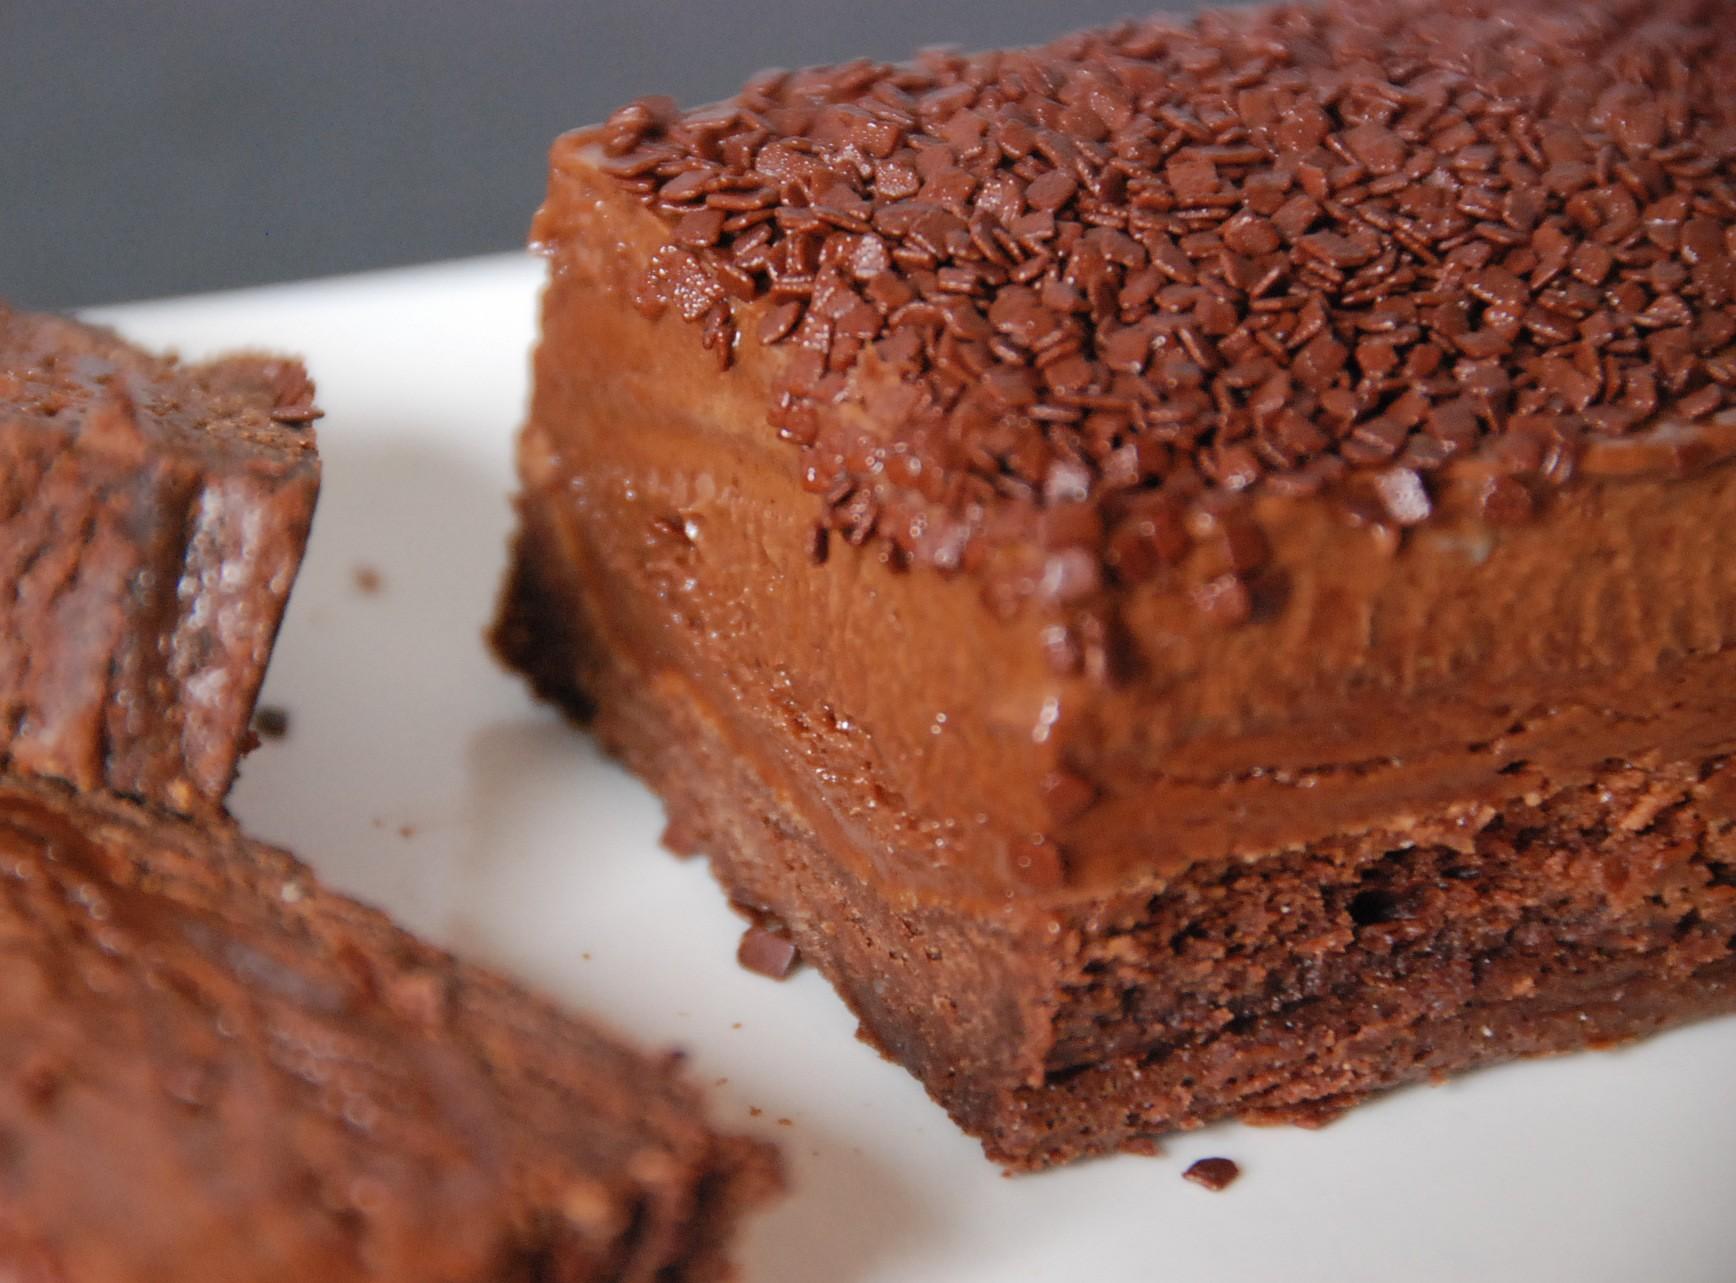 Recette gateau chocolat pas cuit